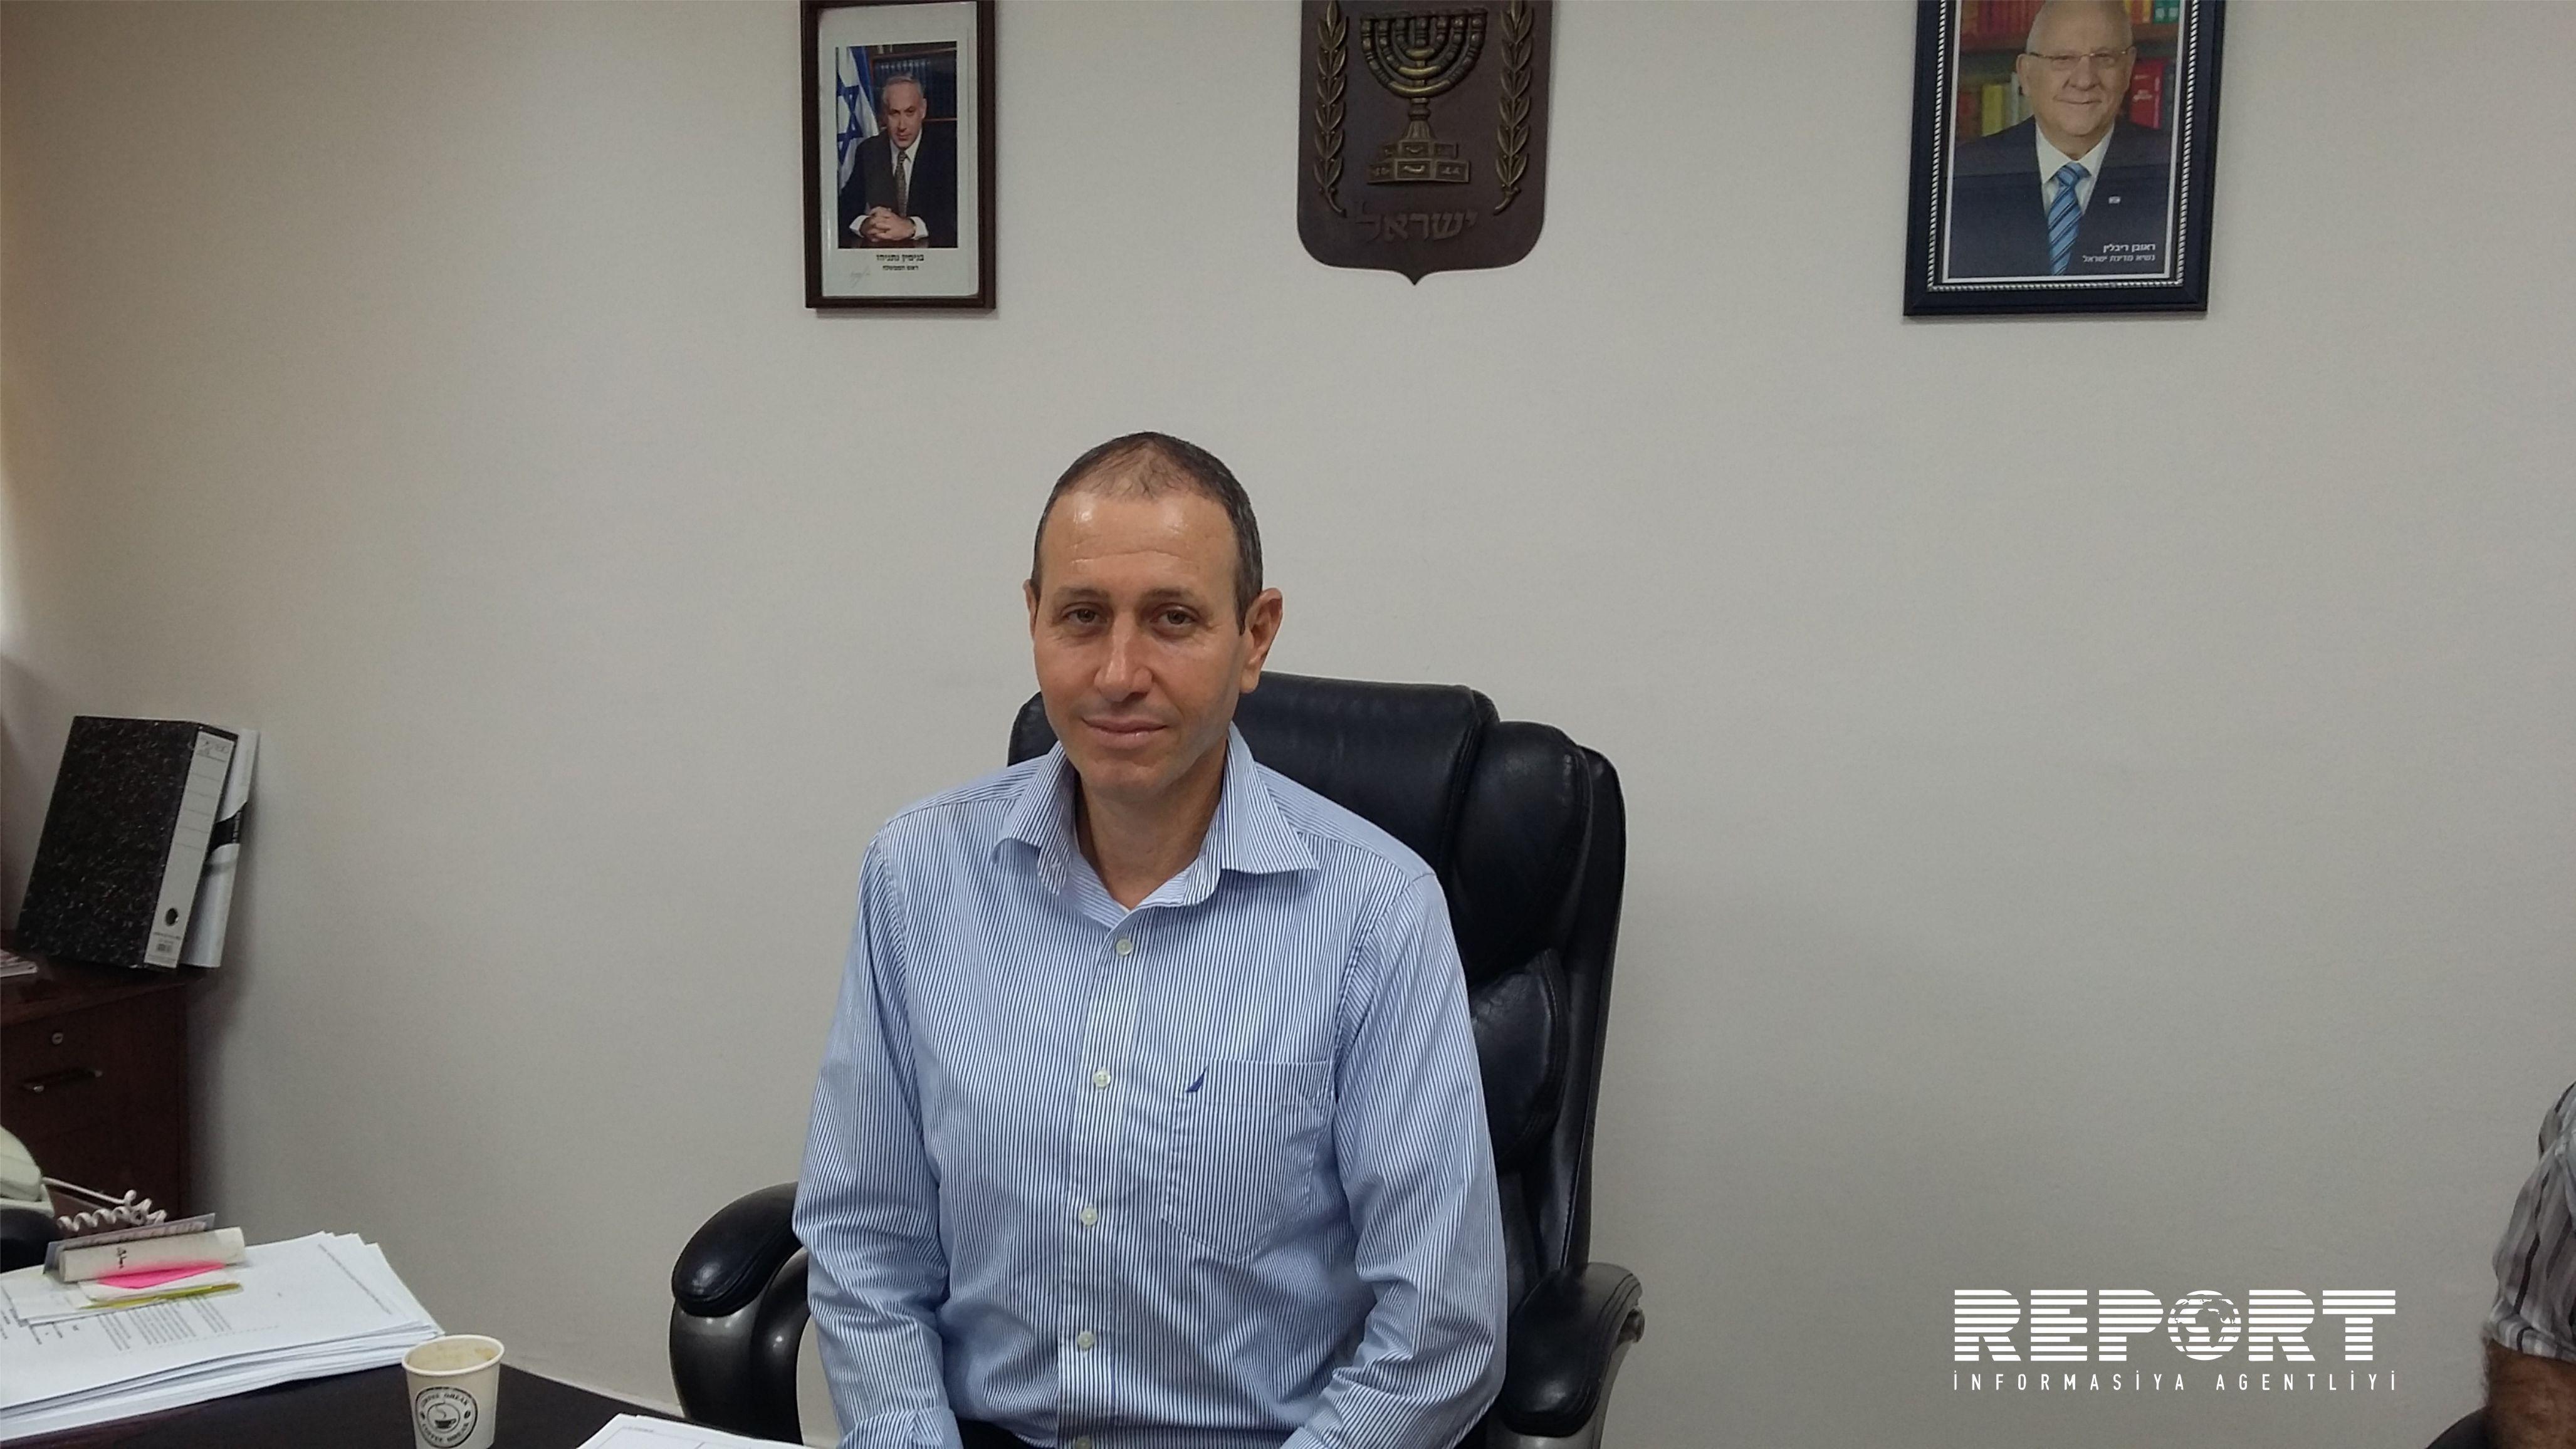 Мэр Акко: Никакие угрозы армян не могут повлиять на  мою позицию по отношению к Азербайджану